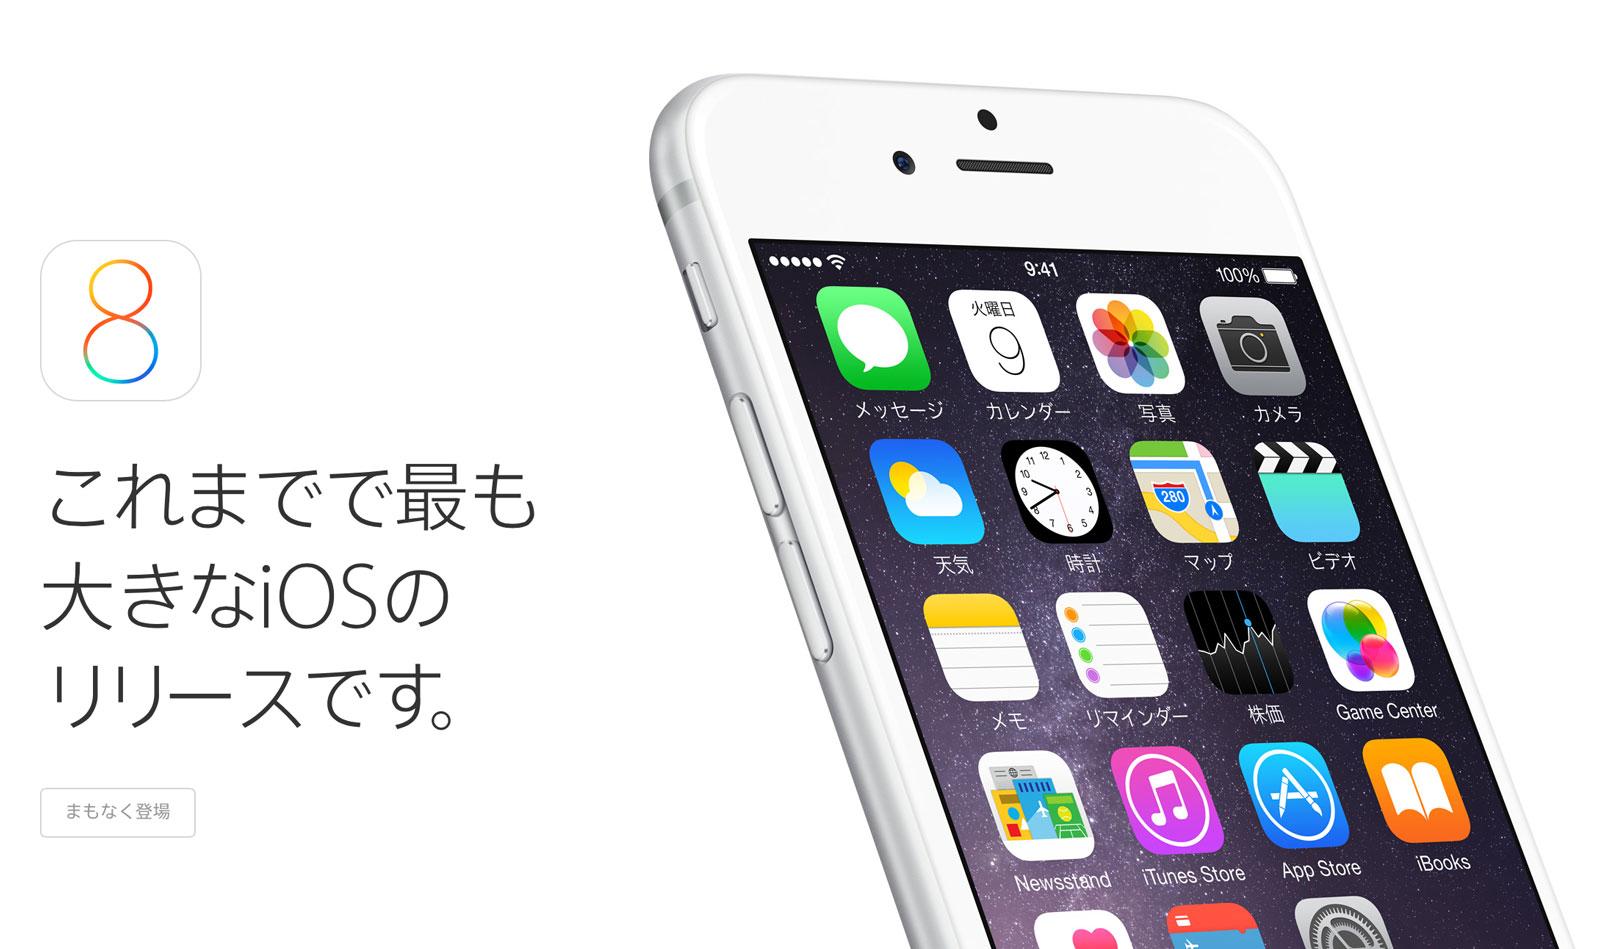 iPhoneやiPadで使われているOSのiOSとは何か